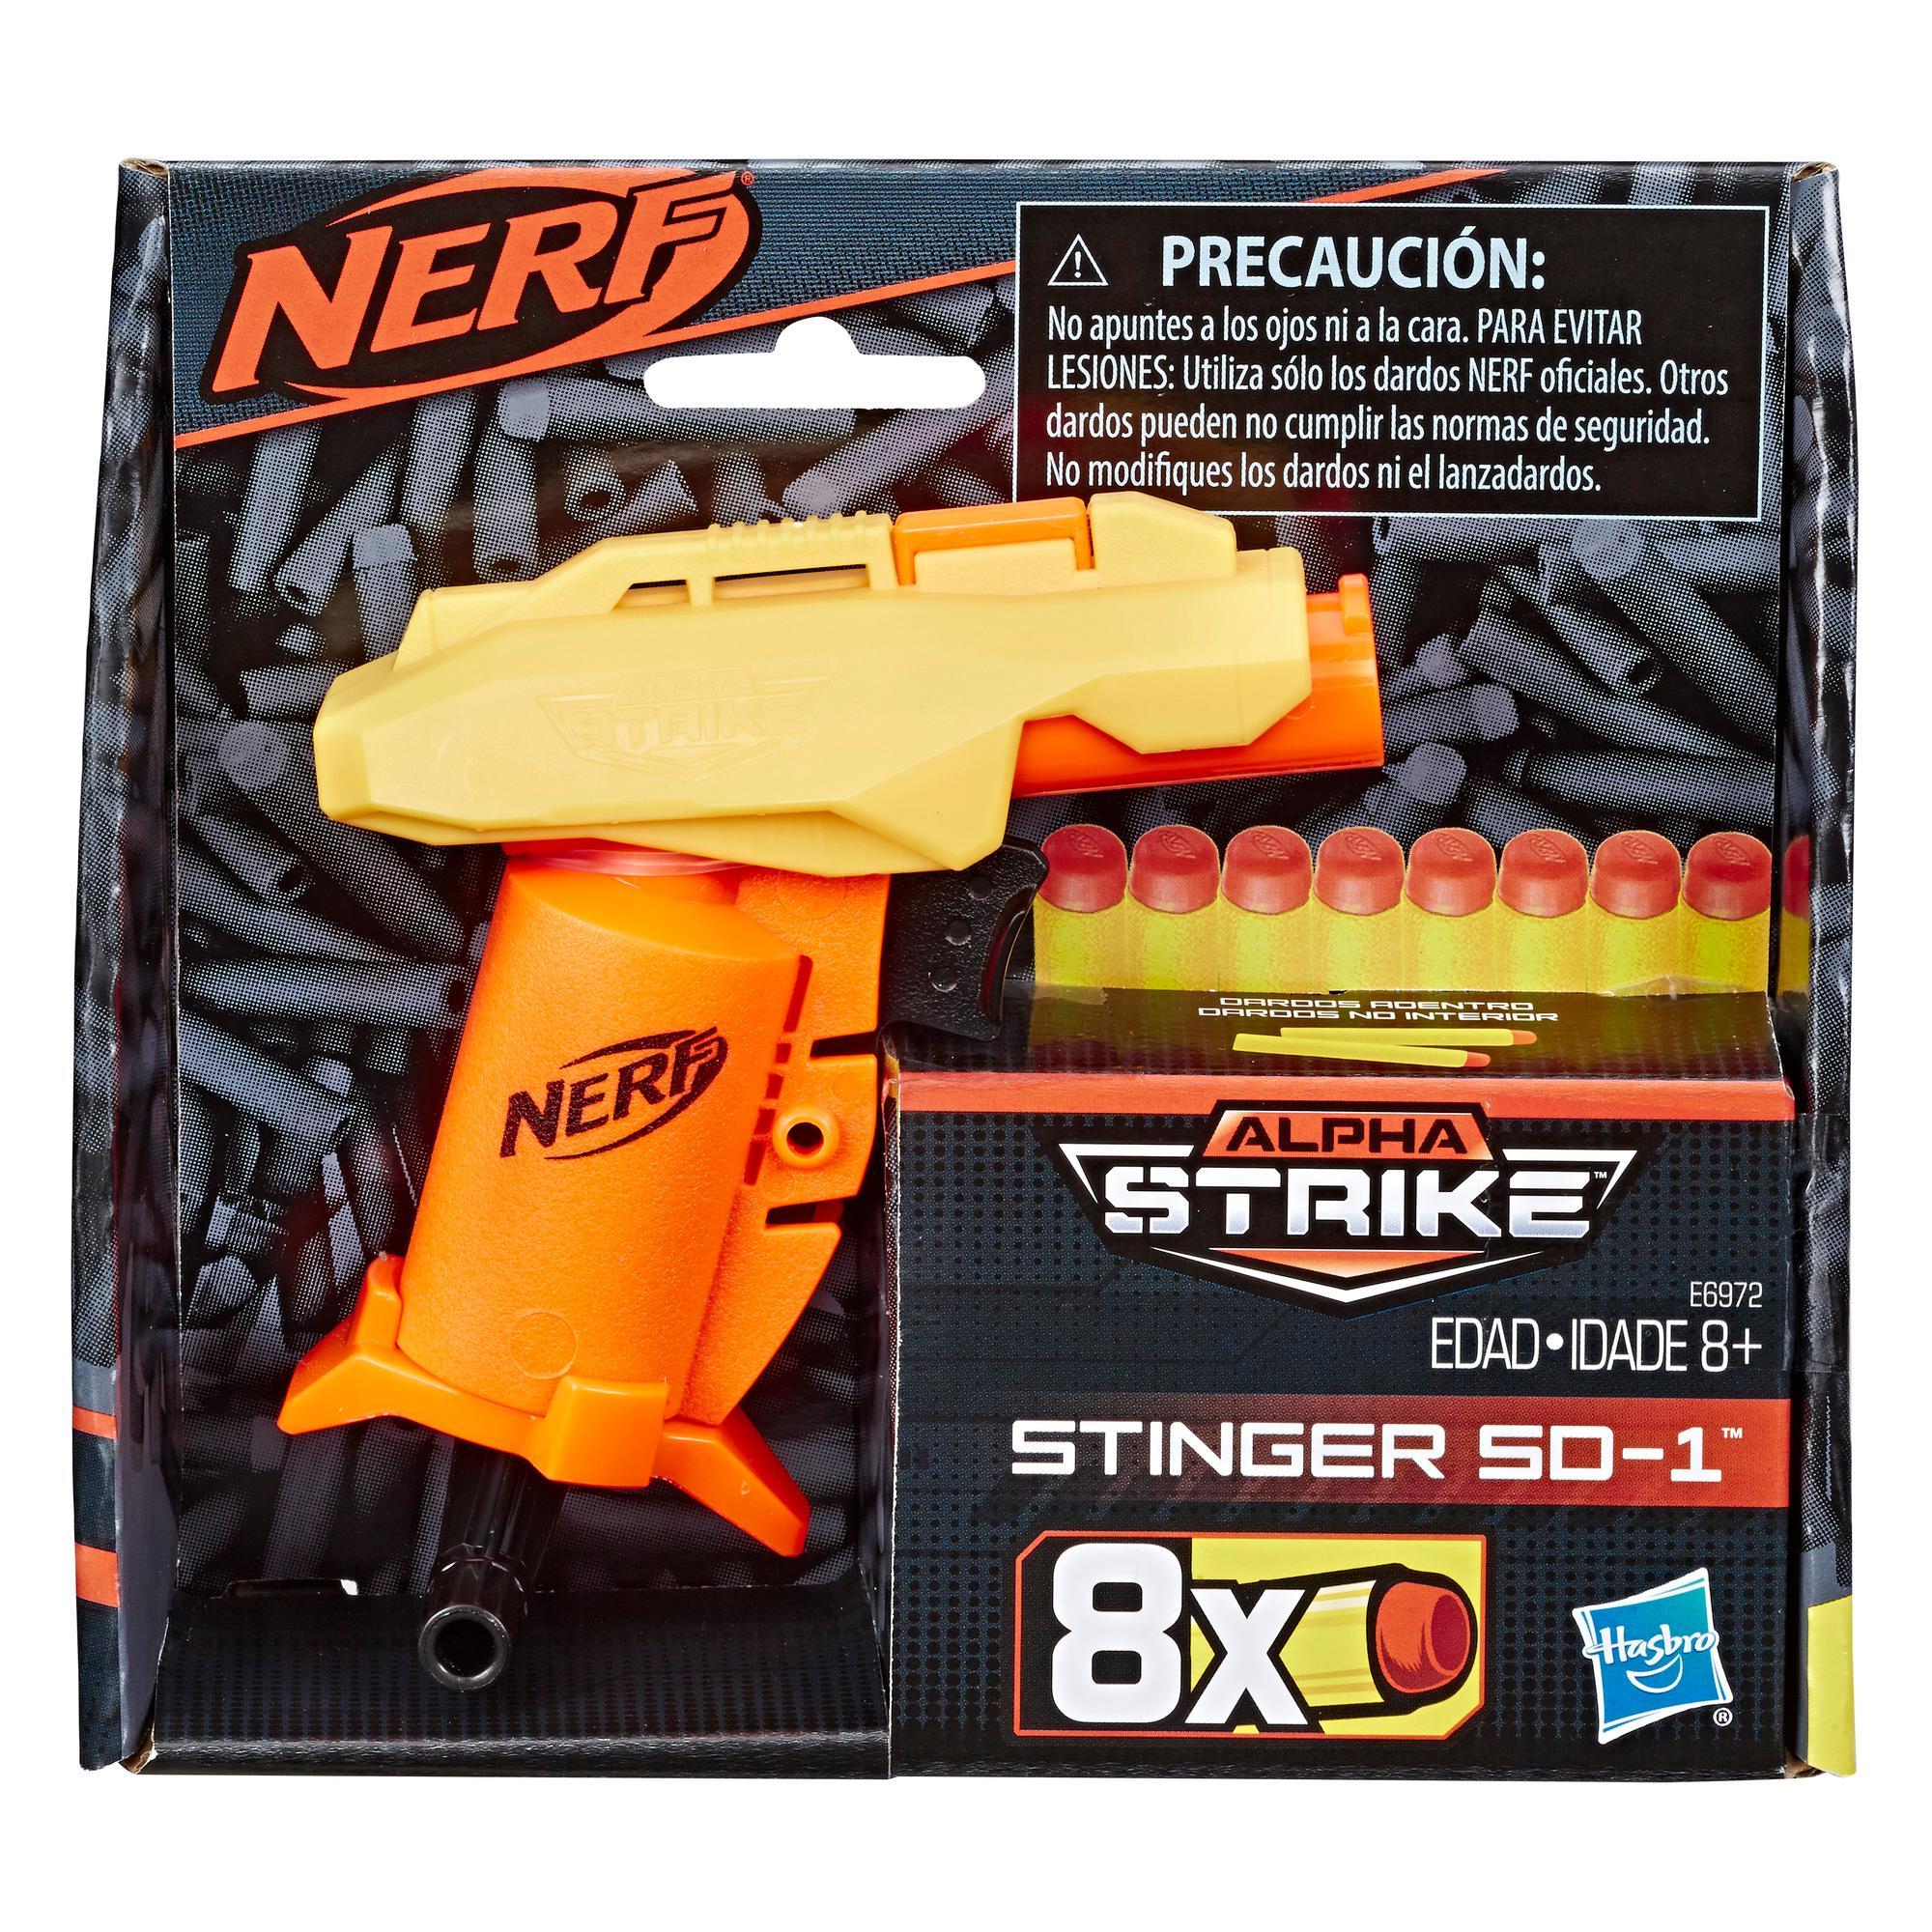 NERF Stinger SD-1 Nerf Alpha Strike Blaster